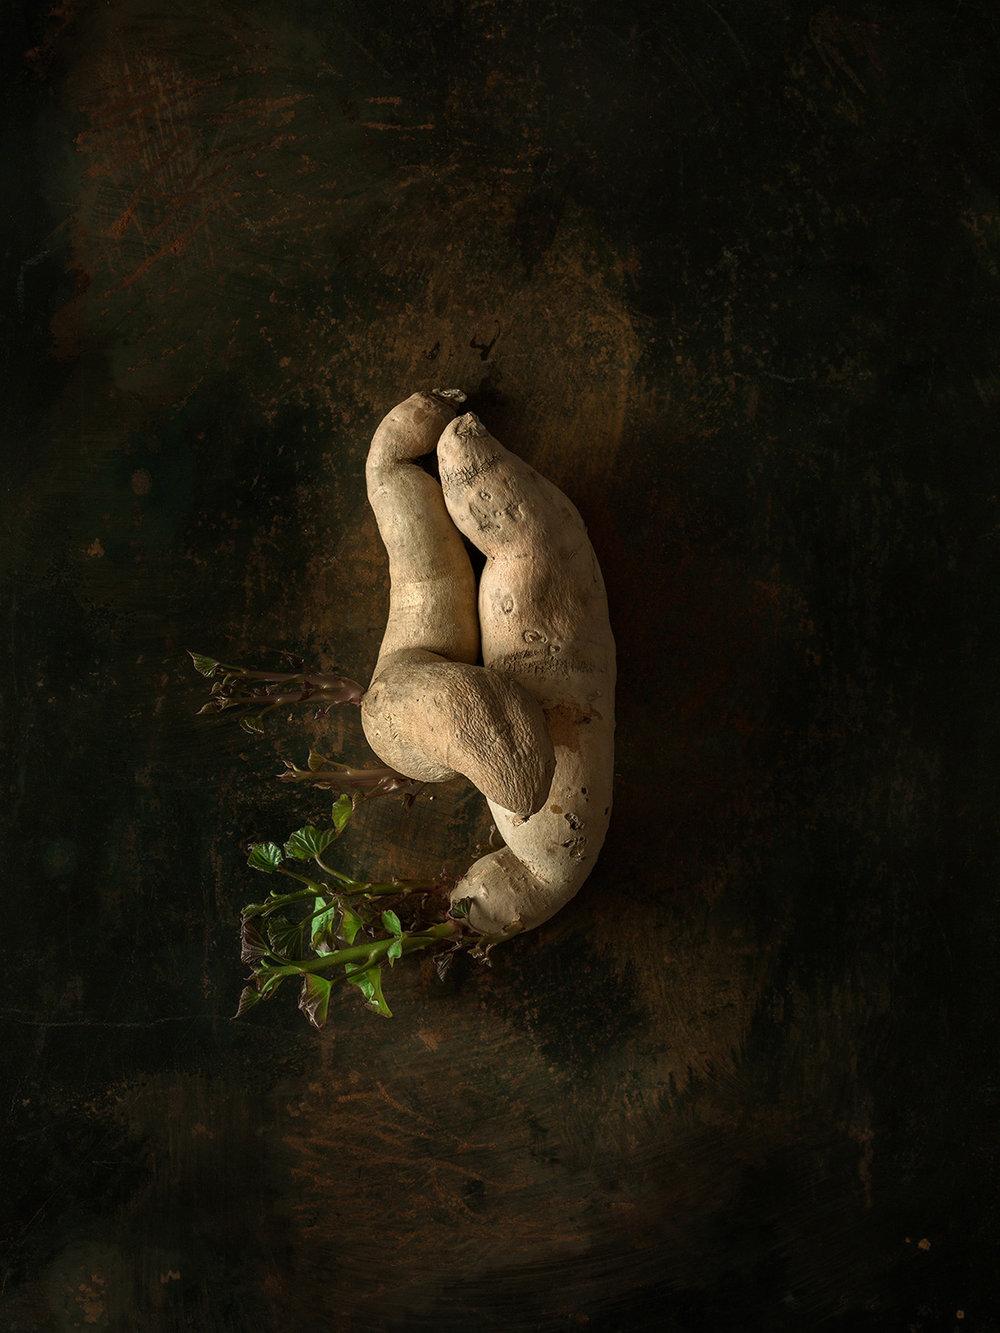 Beth_Galton_Amour_de_Pomme_de_Terre_Fingerlin_Sweet_Potato_12_6days_6.jpg